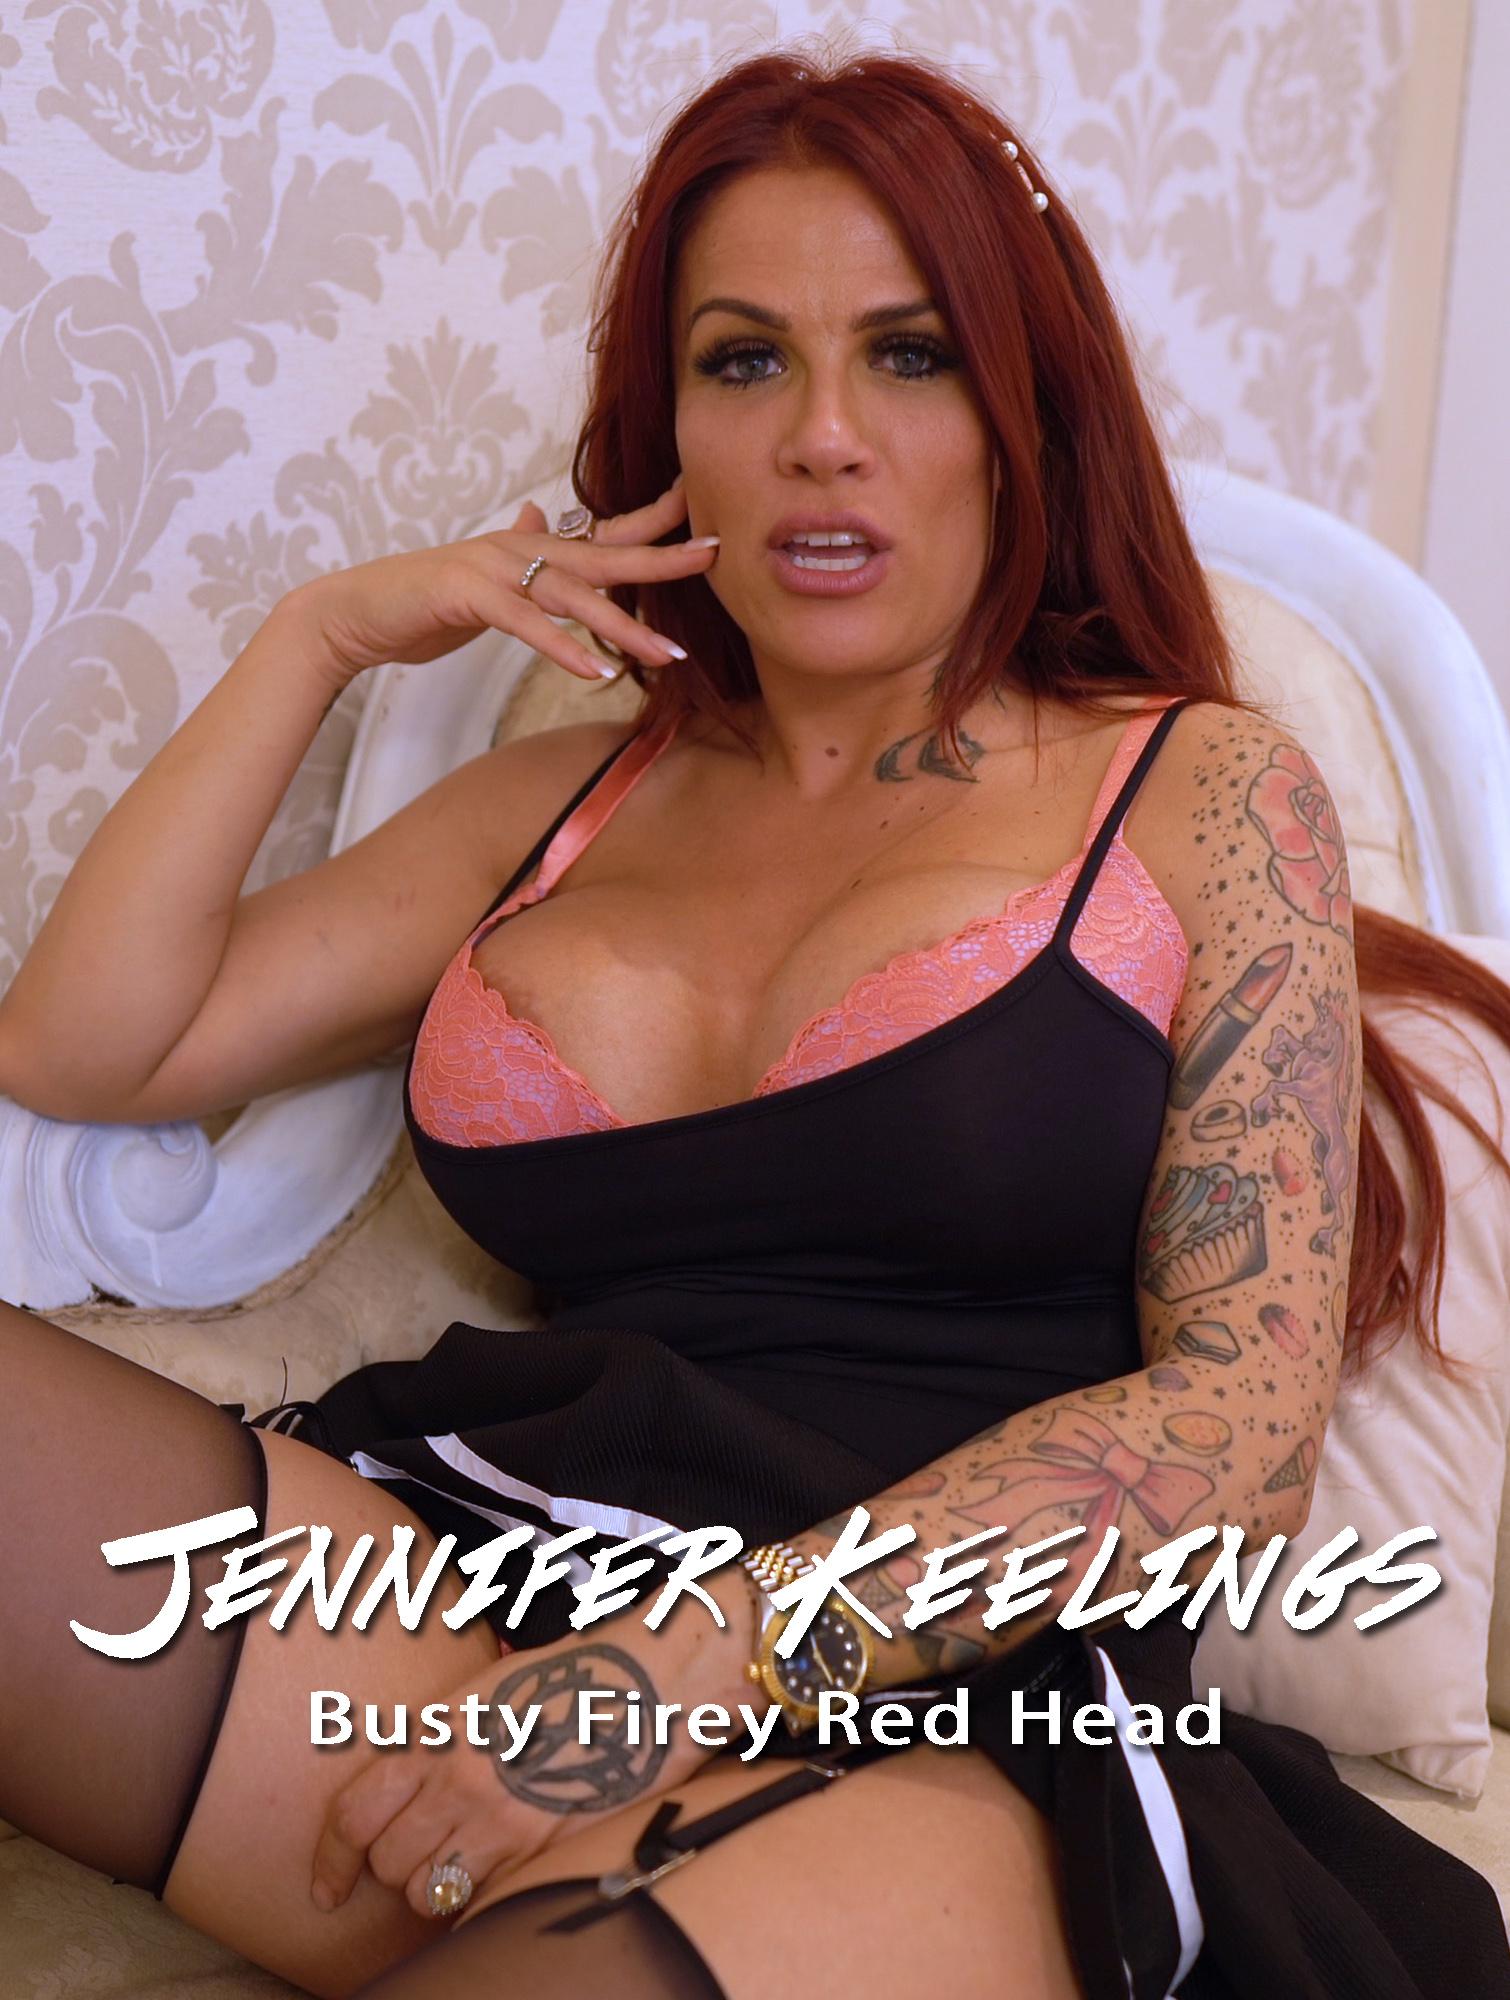 Jennifer Keelings